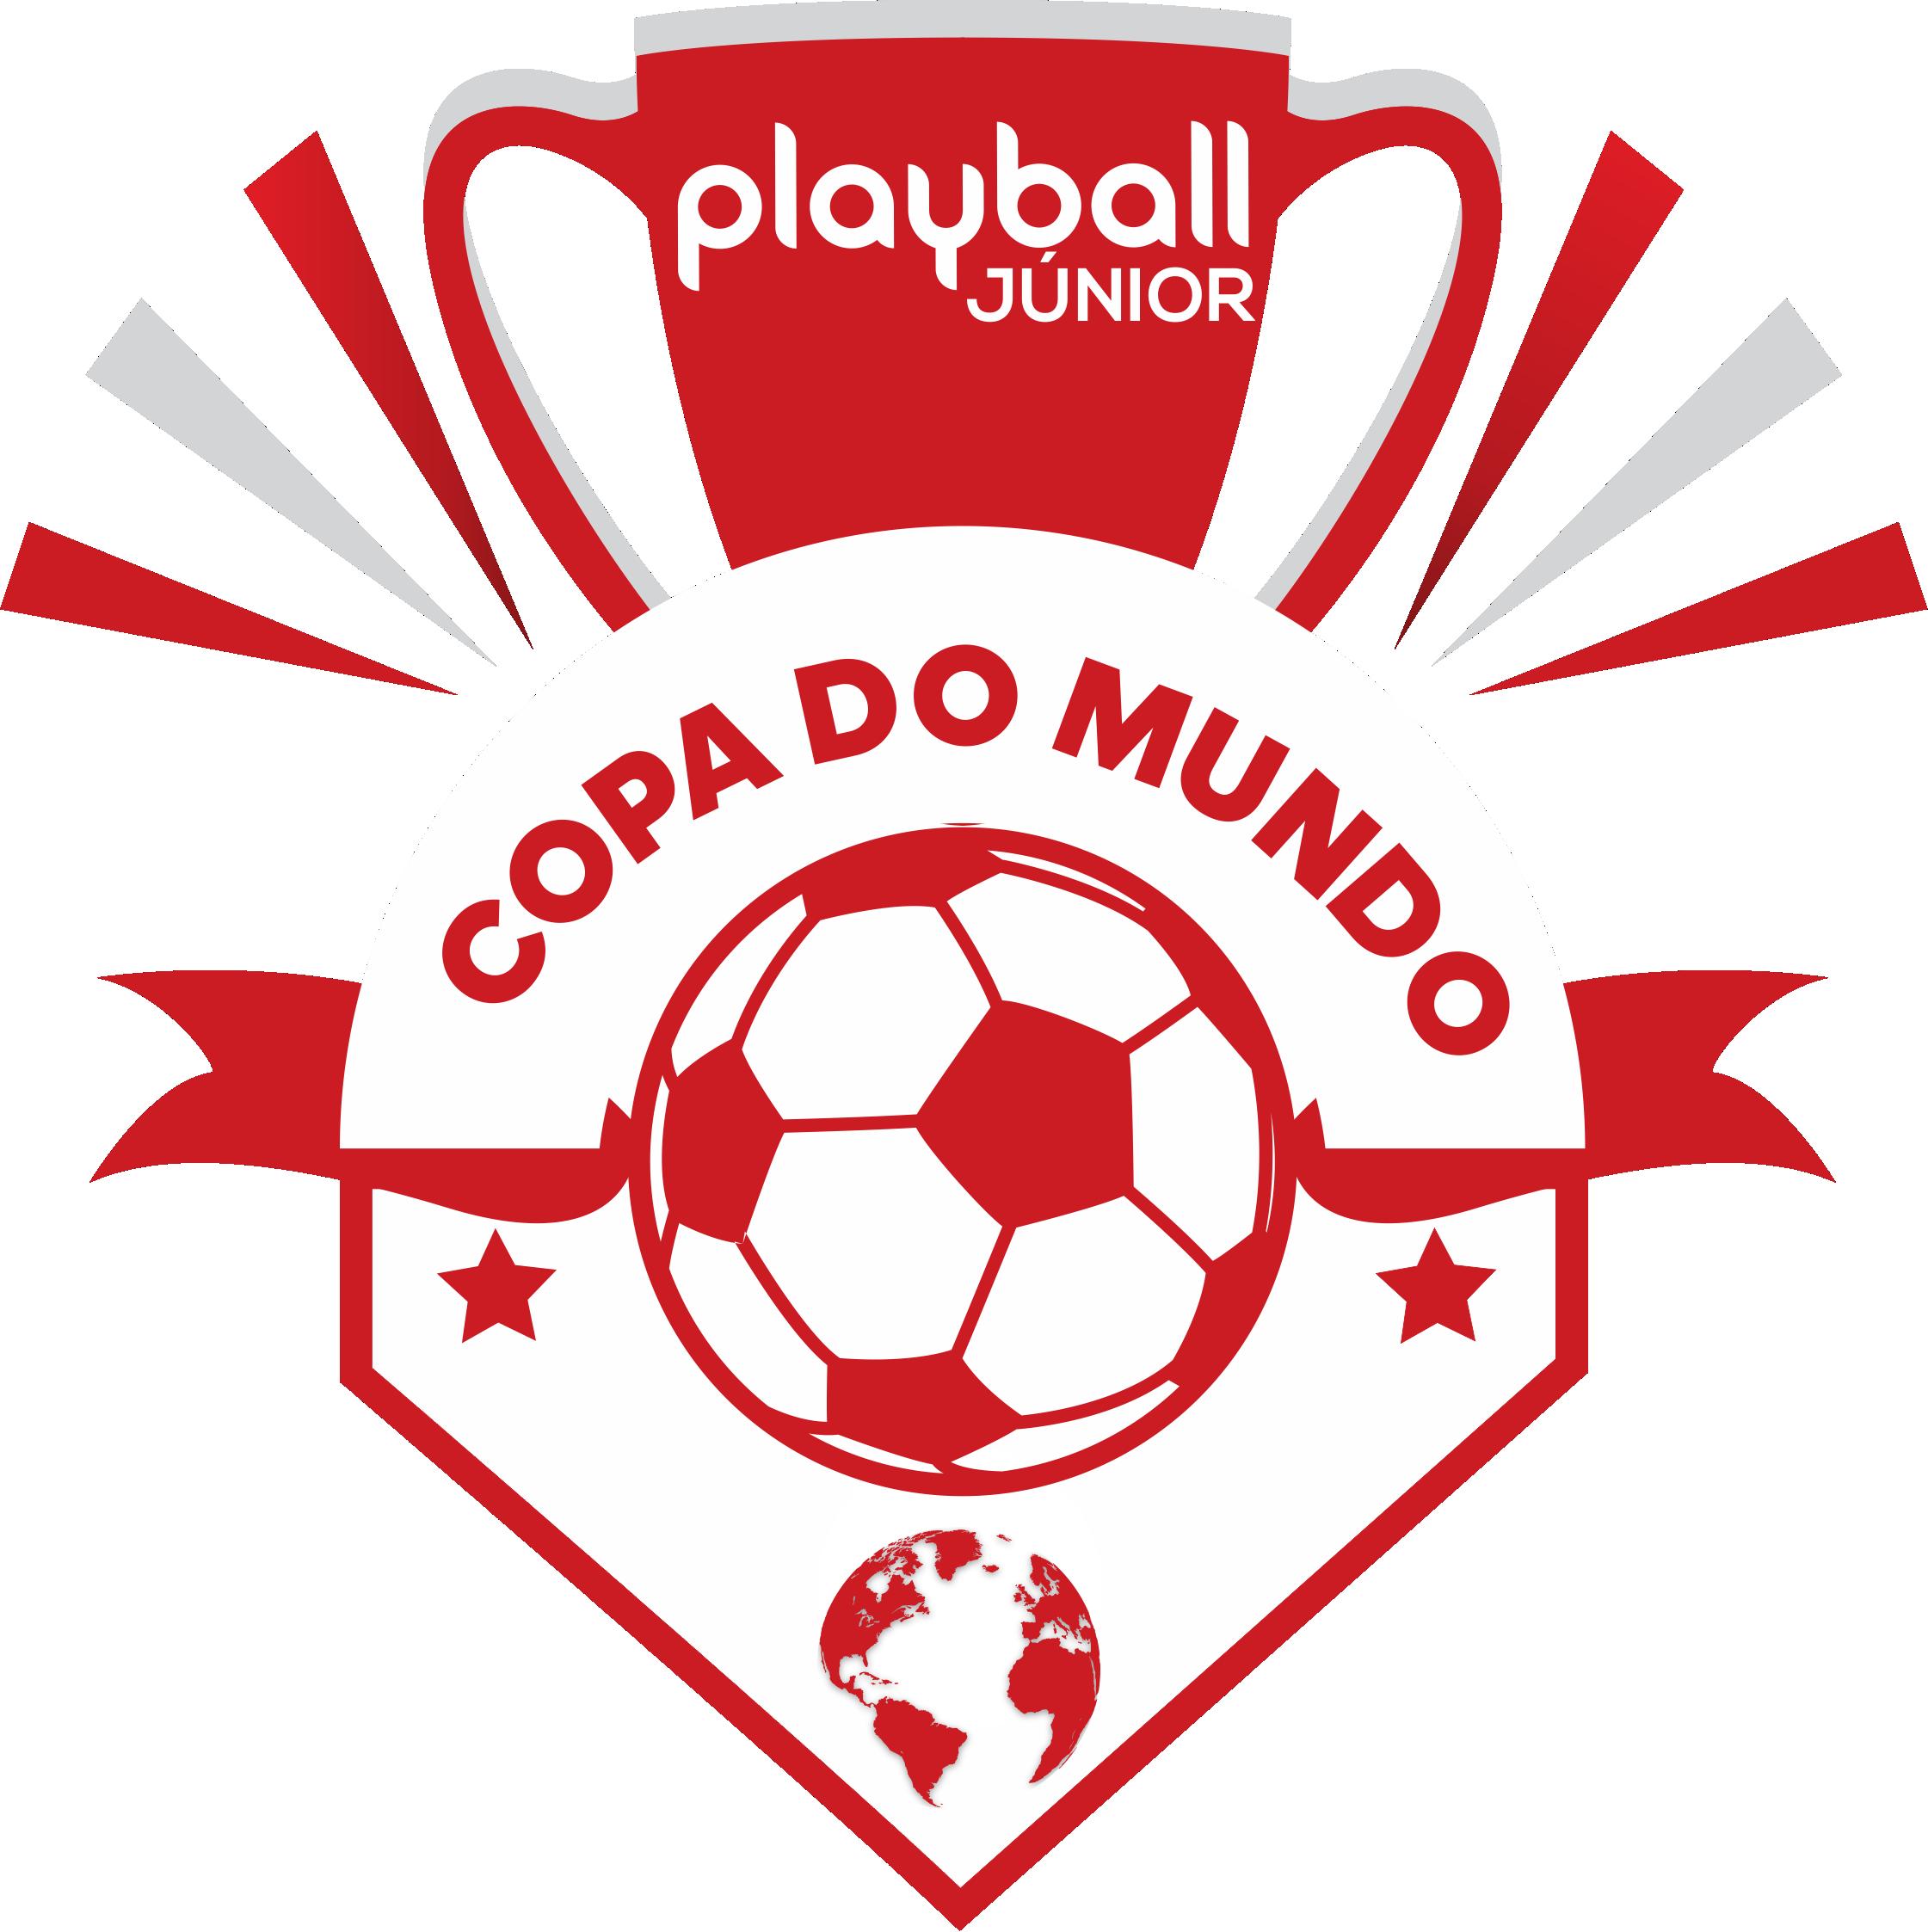 Copa do Mundo Playball Jr Ipiranga, São Caetano, Anhaia Melo 2003 a 2006